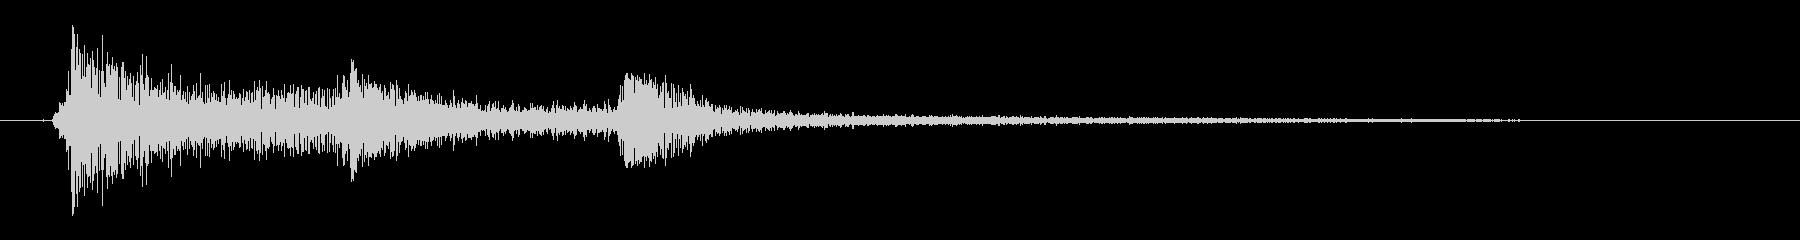 カシャン(金属製の道具の落下音)の未再生の波形